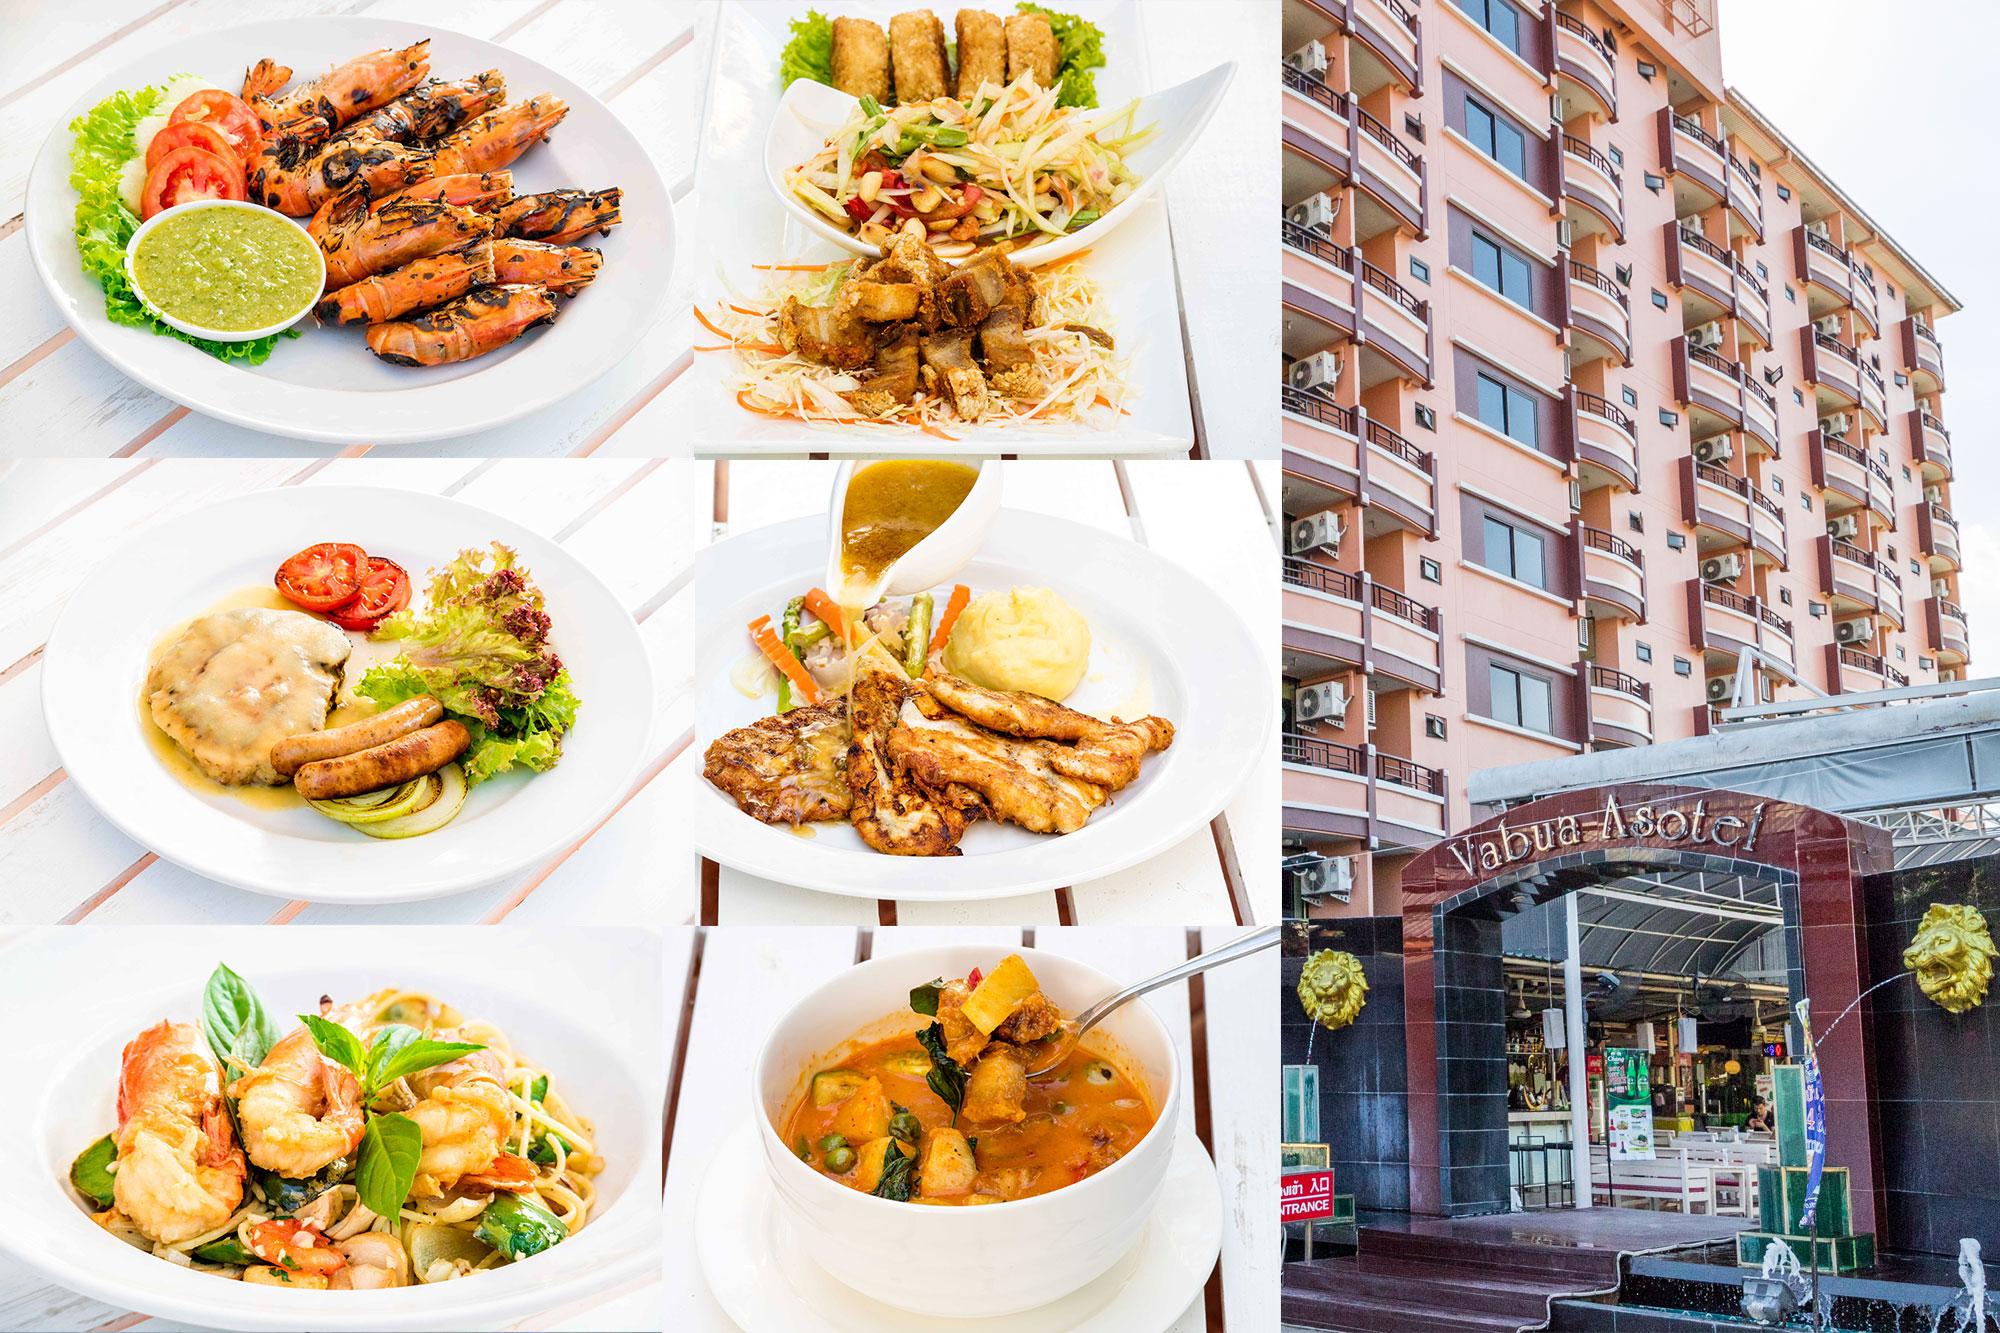 ห้องอาหาร Vabua Terrace วาบัว เทอร์เรส  Vabua Terrace วาบัว เทอร์เรส อร่อย ชิลล์ได้ตลอด 24 ชั่วโมง Vabua Cover